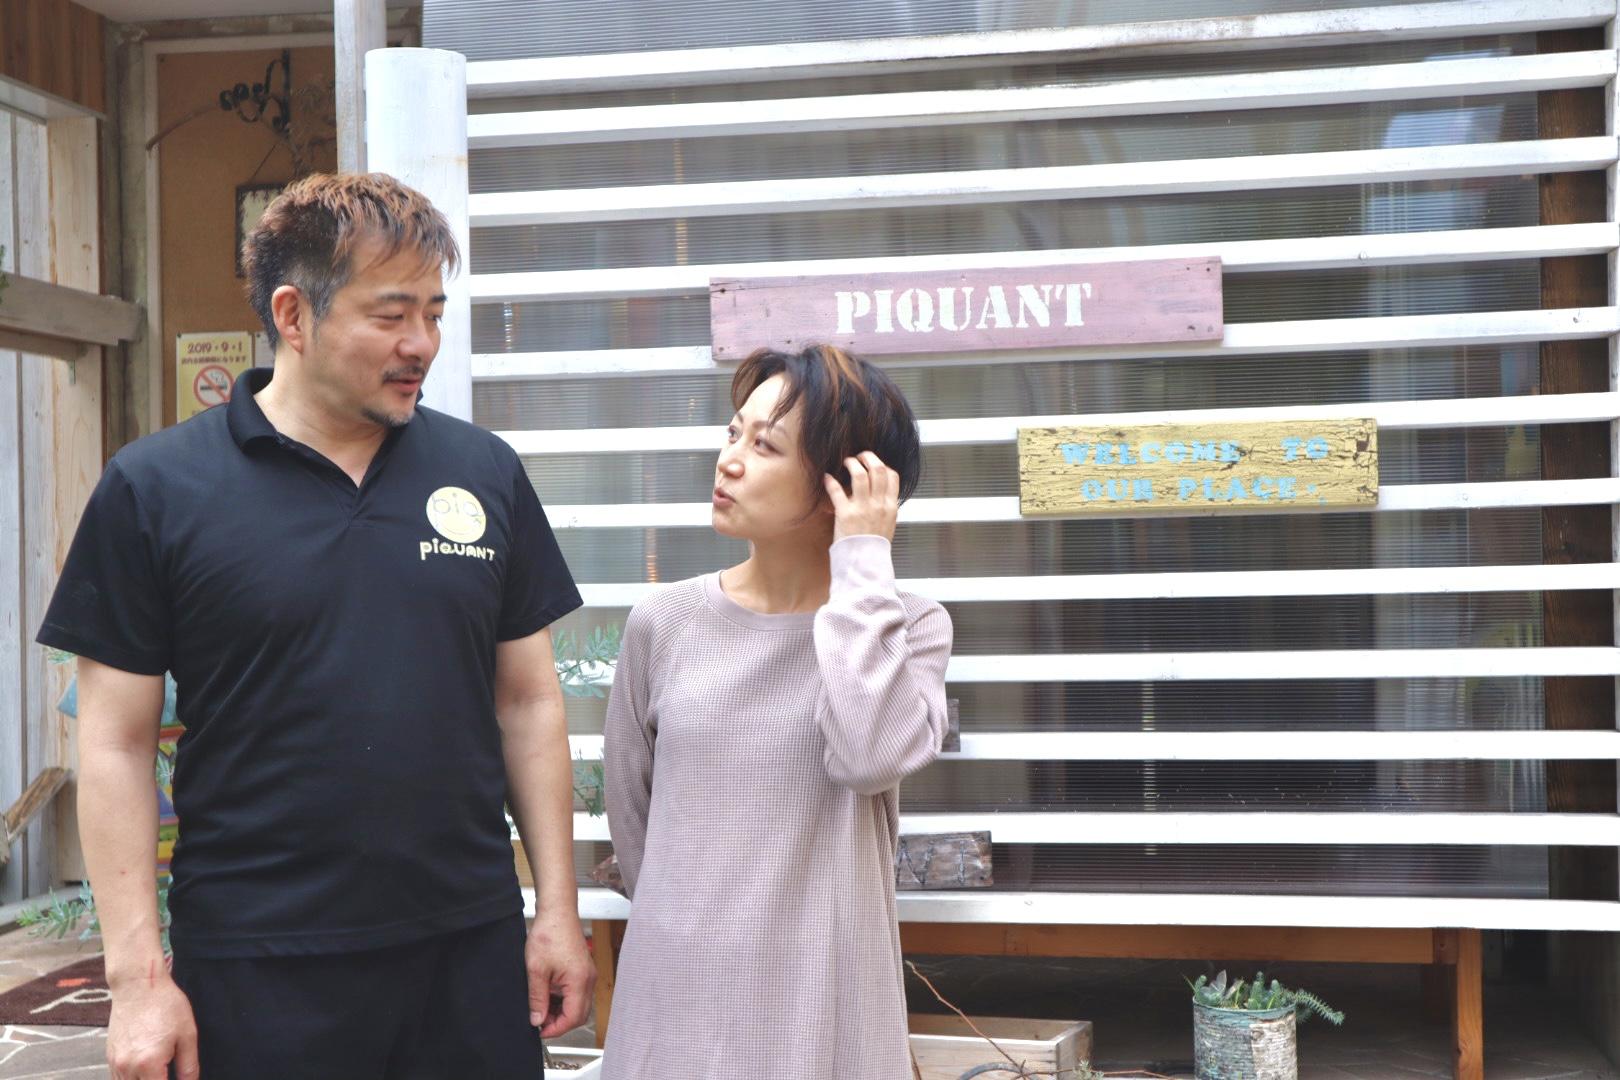 【連載】「余白」の取り方、おしえてください。〜愛知県安城市「Cafe PIQUANT」さんの場合〜